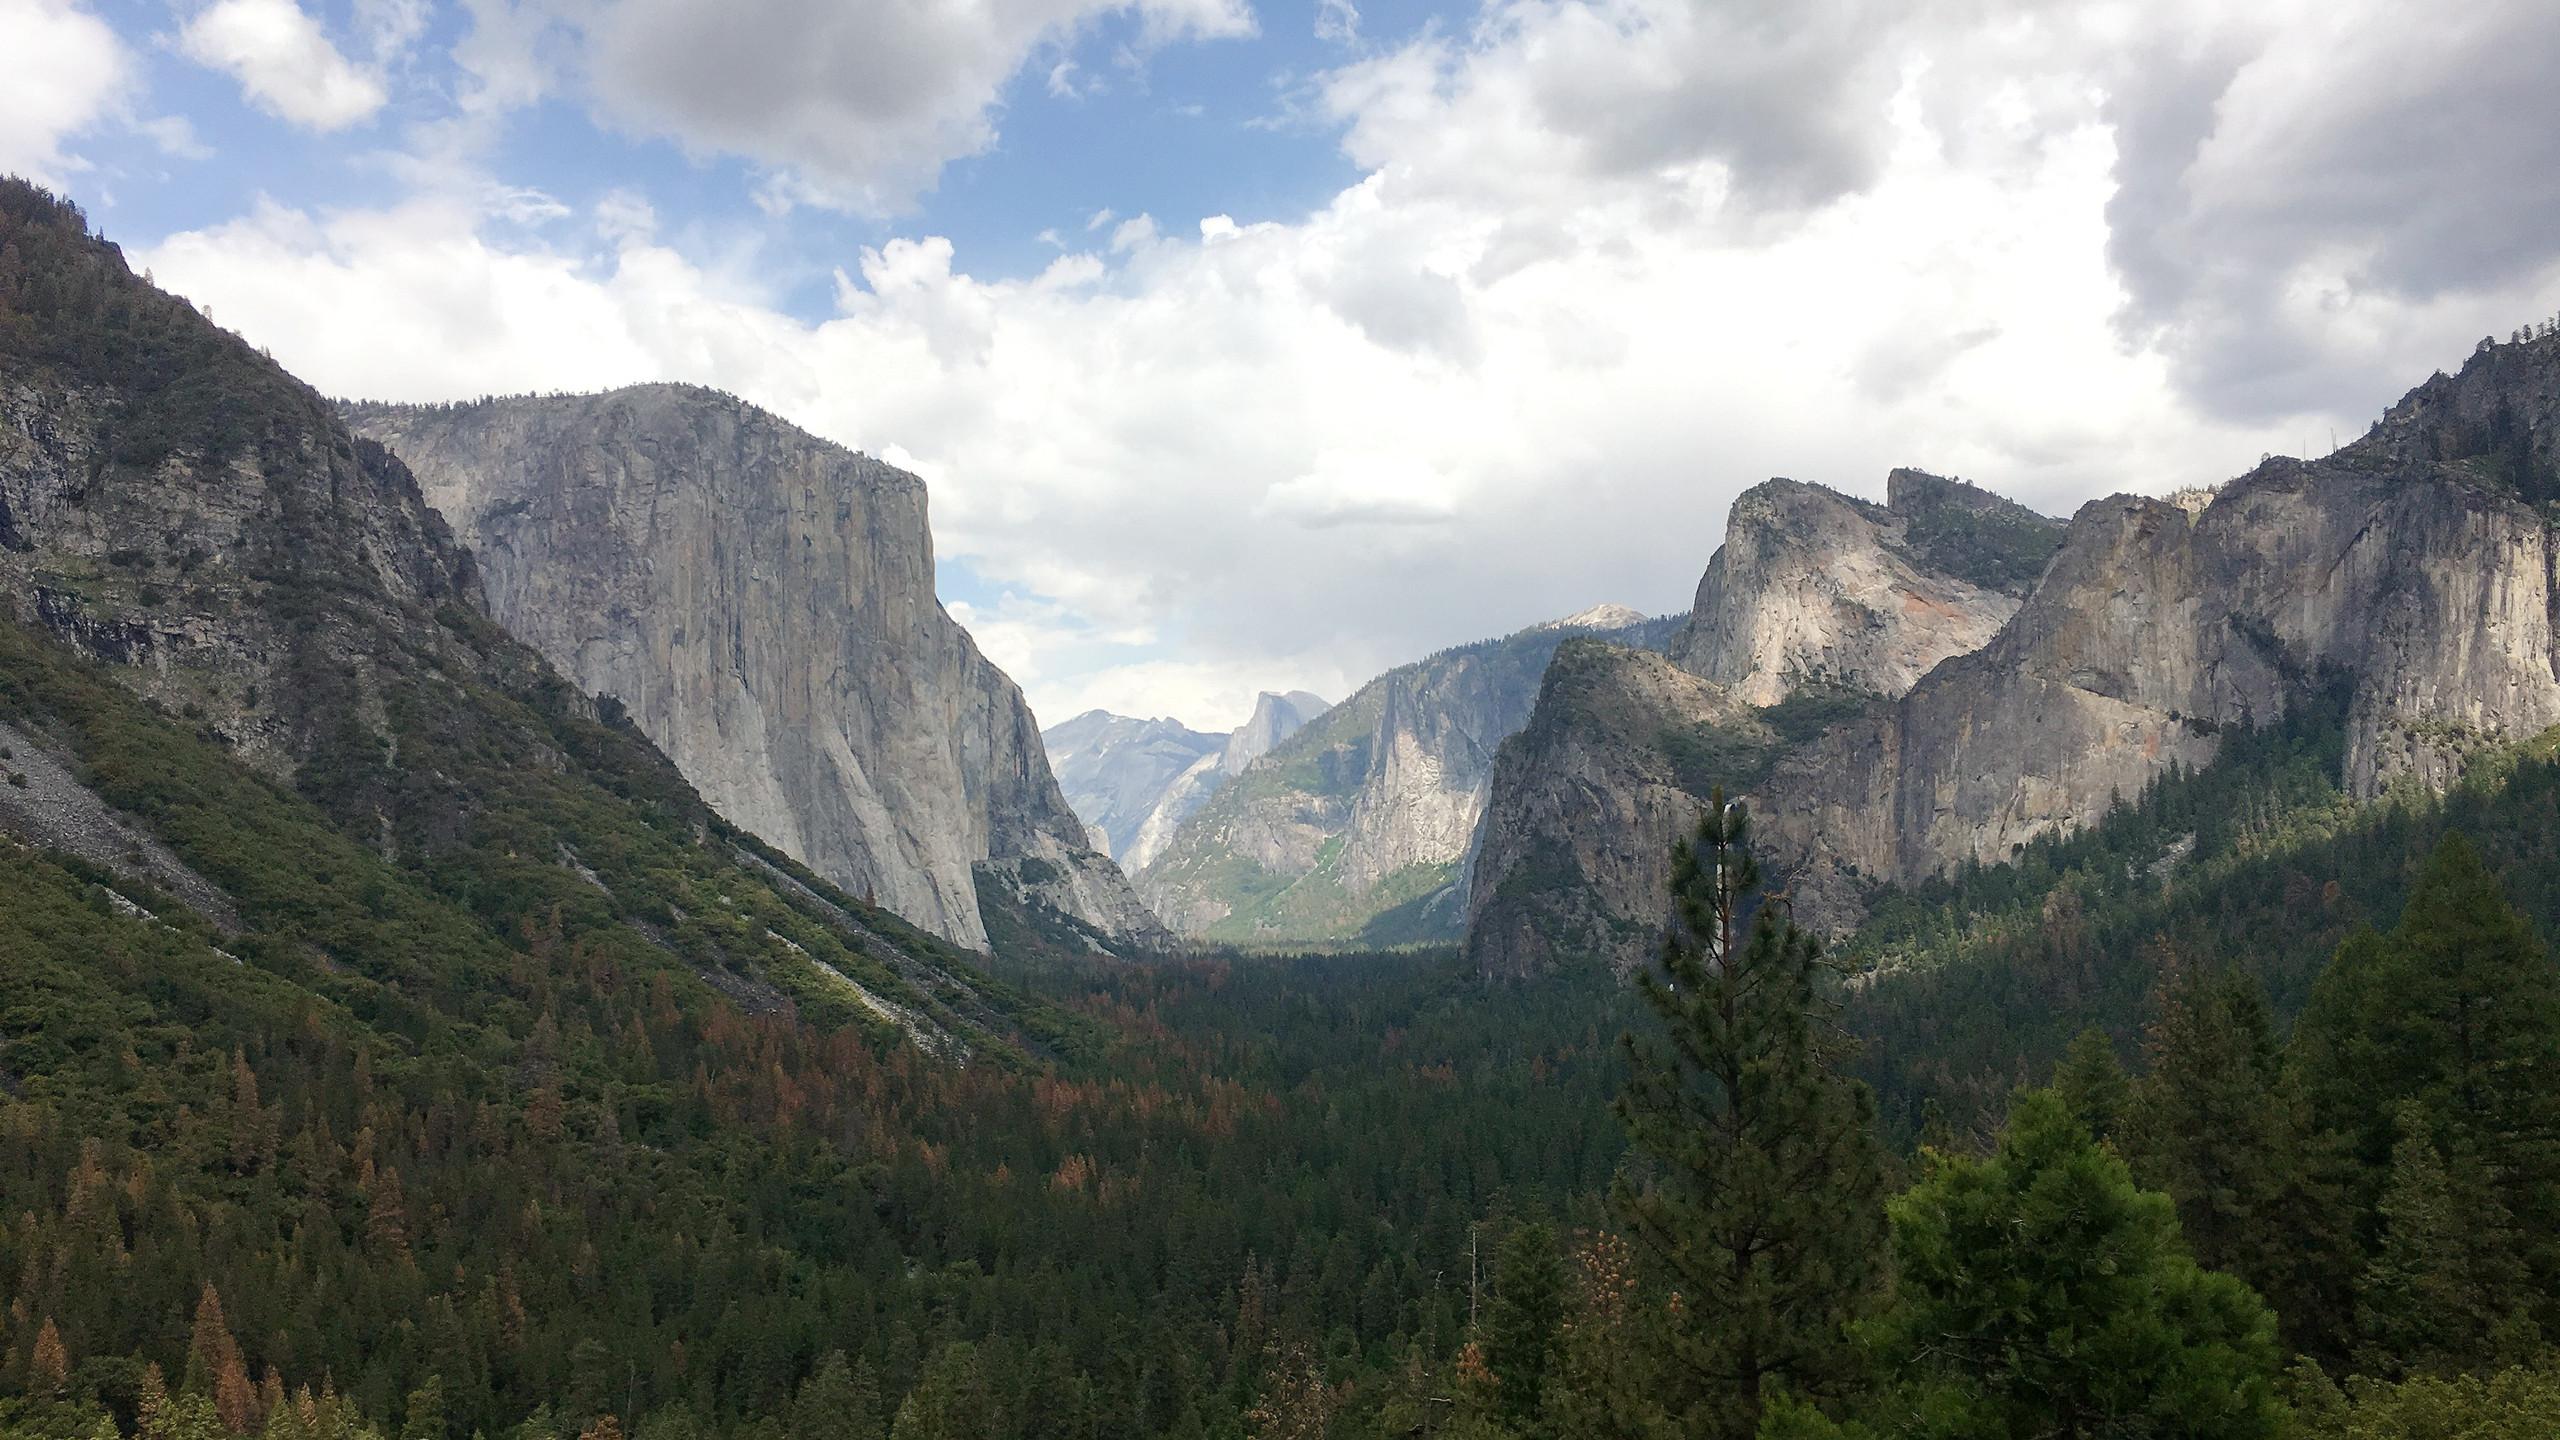 Yosemite Nationalpark - umgeben von Bergen und tiefen Wäldern